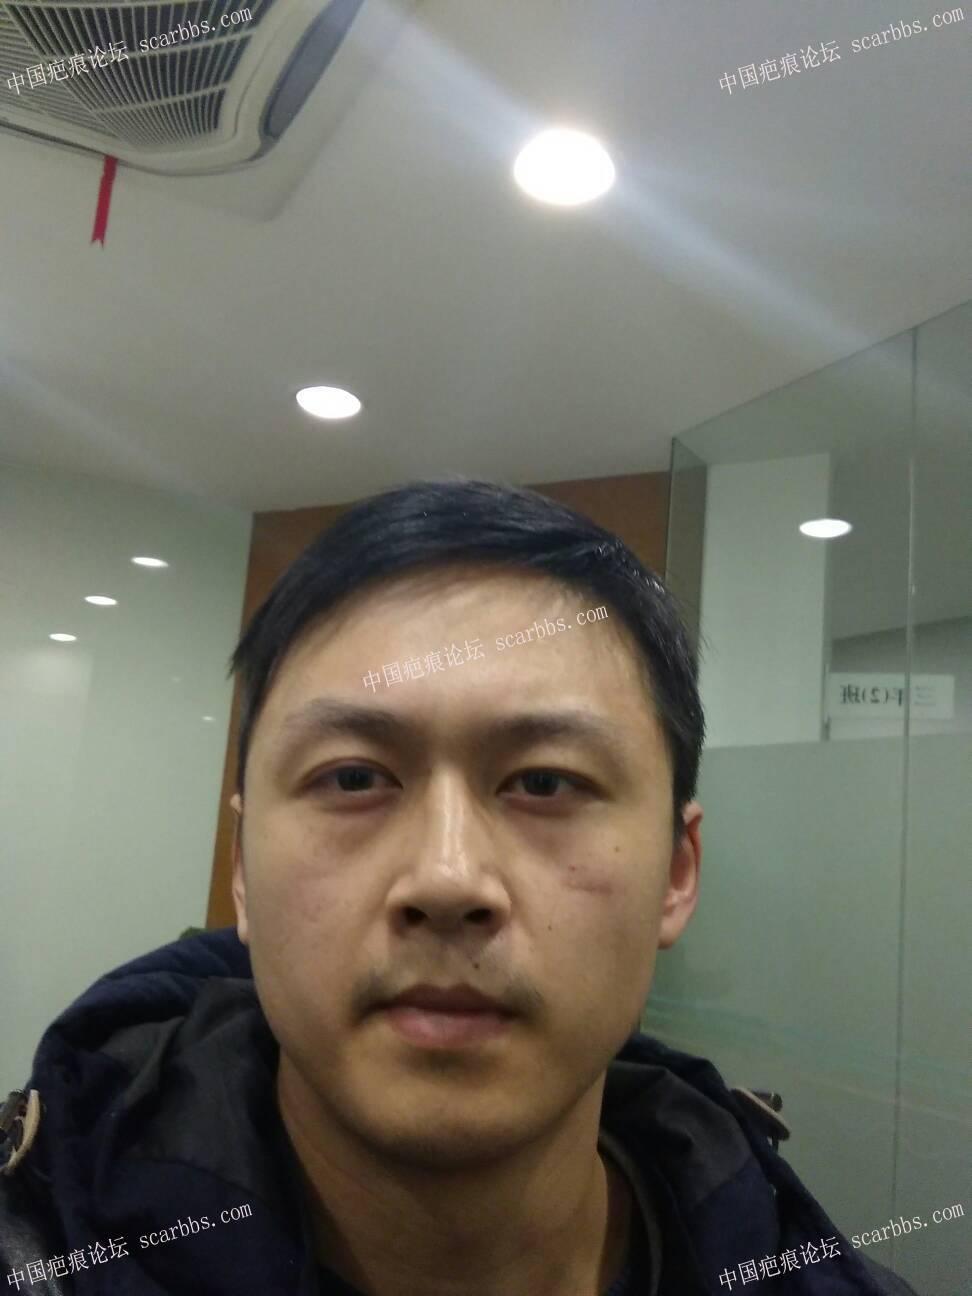 打篮球被肘子打破脸,颧部2cm伤口77-疤痕体质图片_疤痕疙瘩图片-中国疤痕论坛